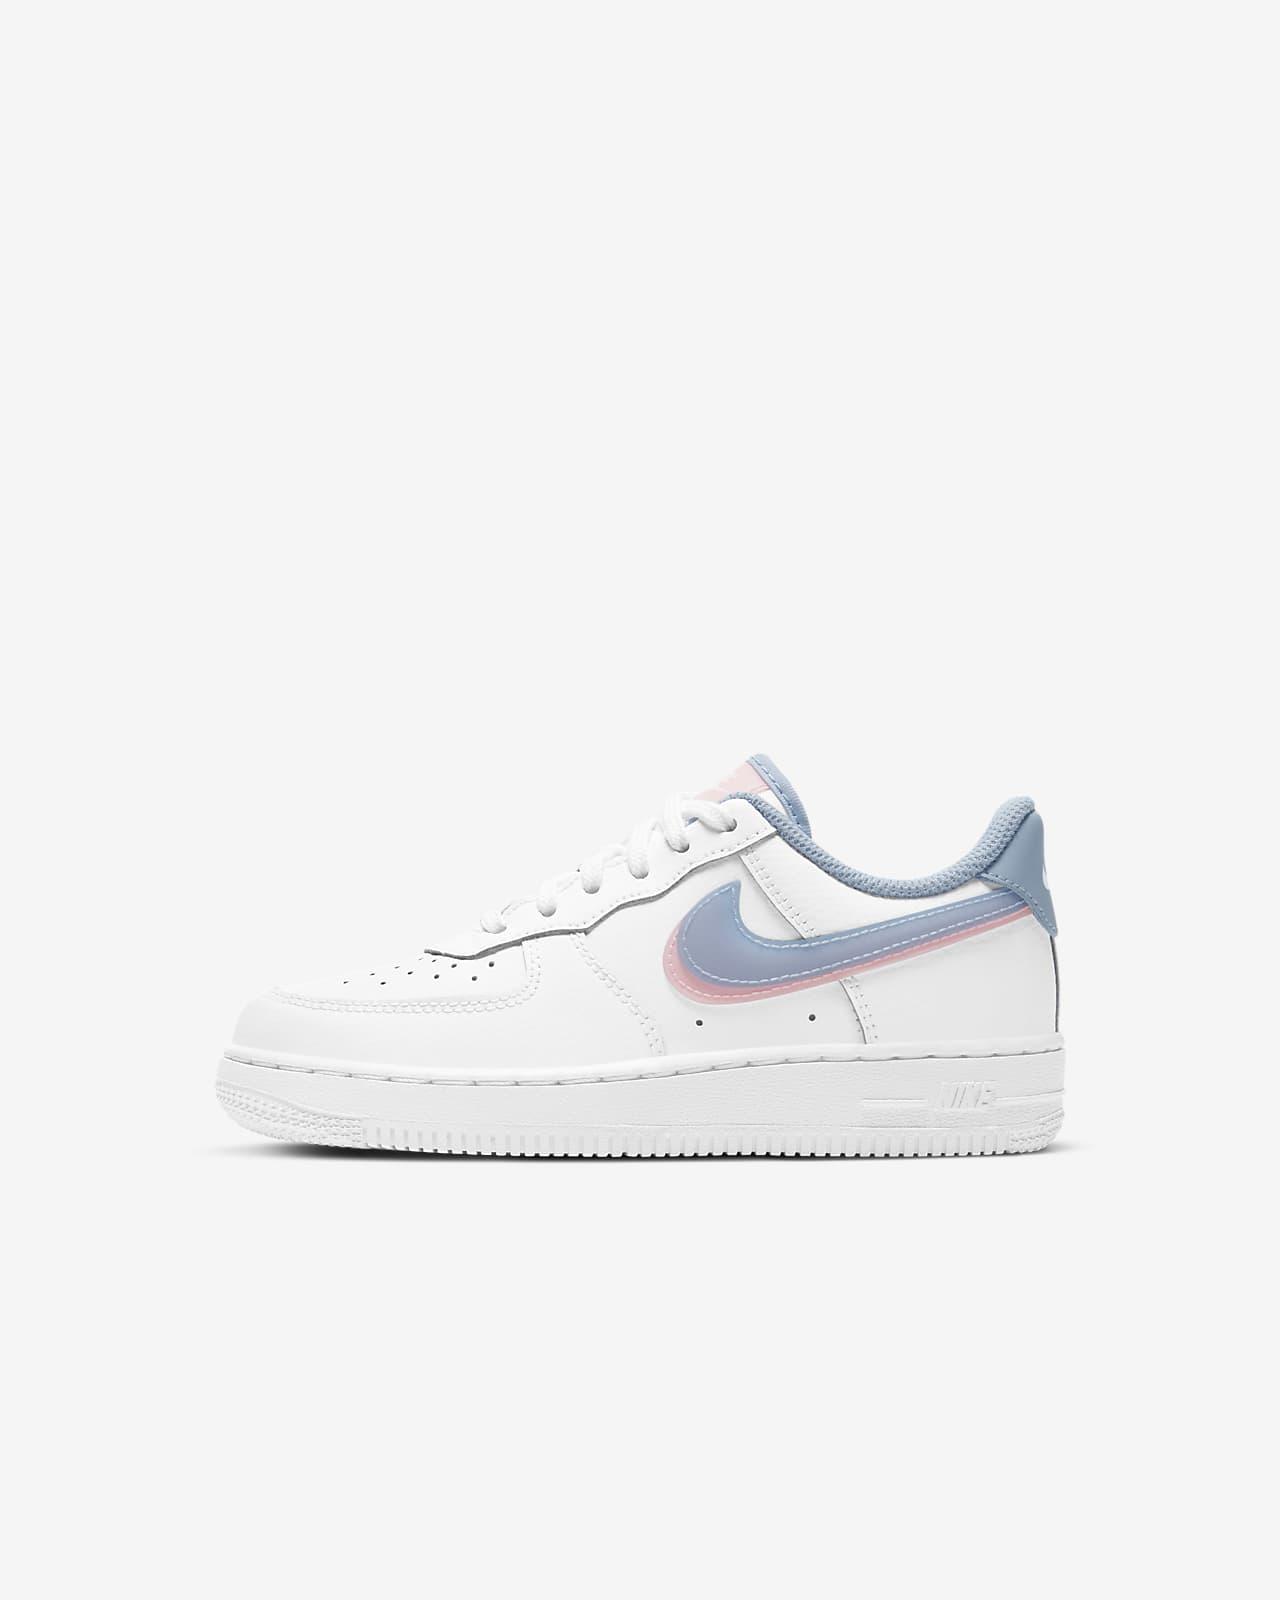 Nike Air Force 1 LV8-sko til små barn